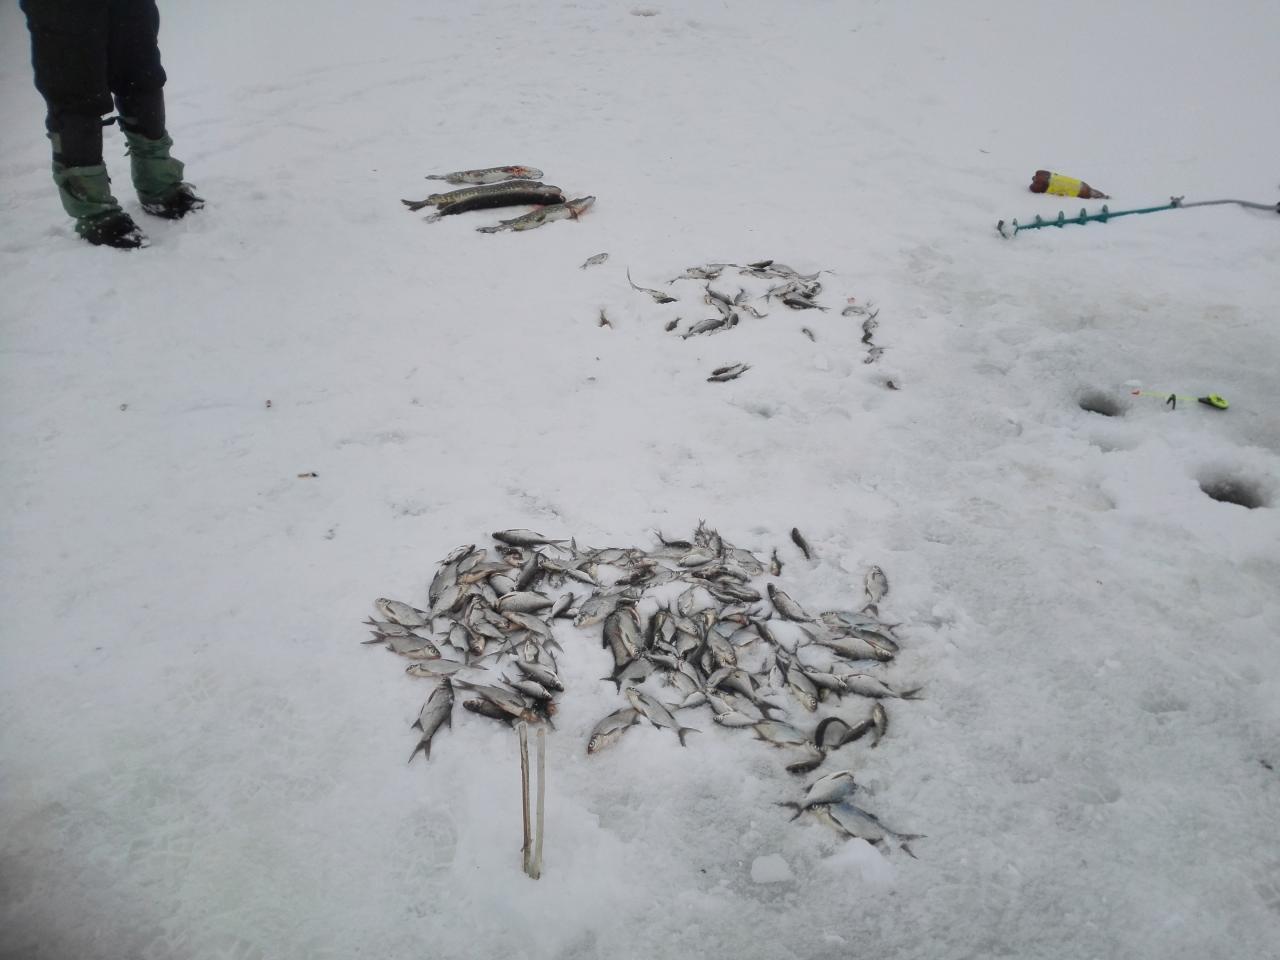 Оживим ветку... Сегодня посетили новый для себя водоём ... | Отчеты о рыбалке в Беларуси